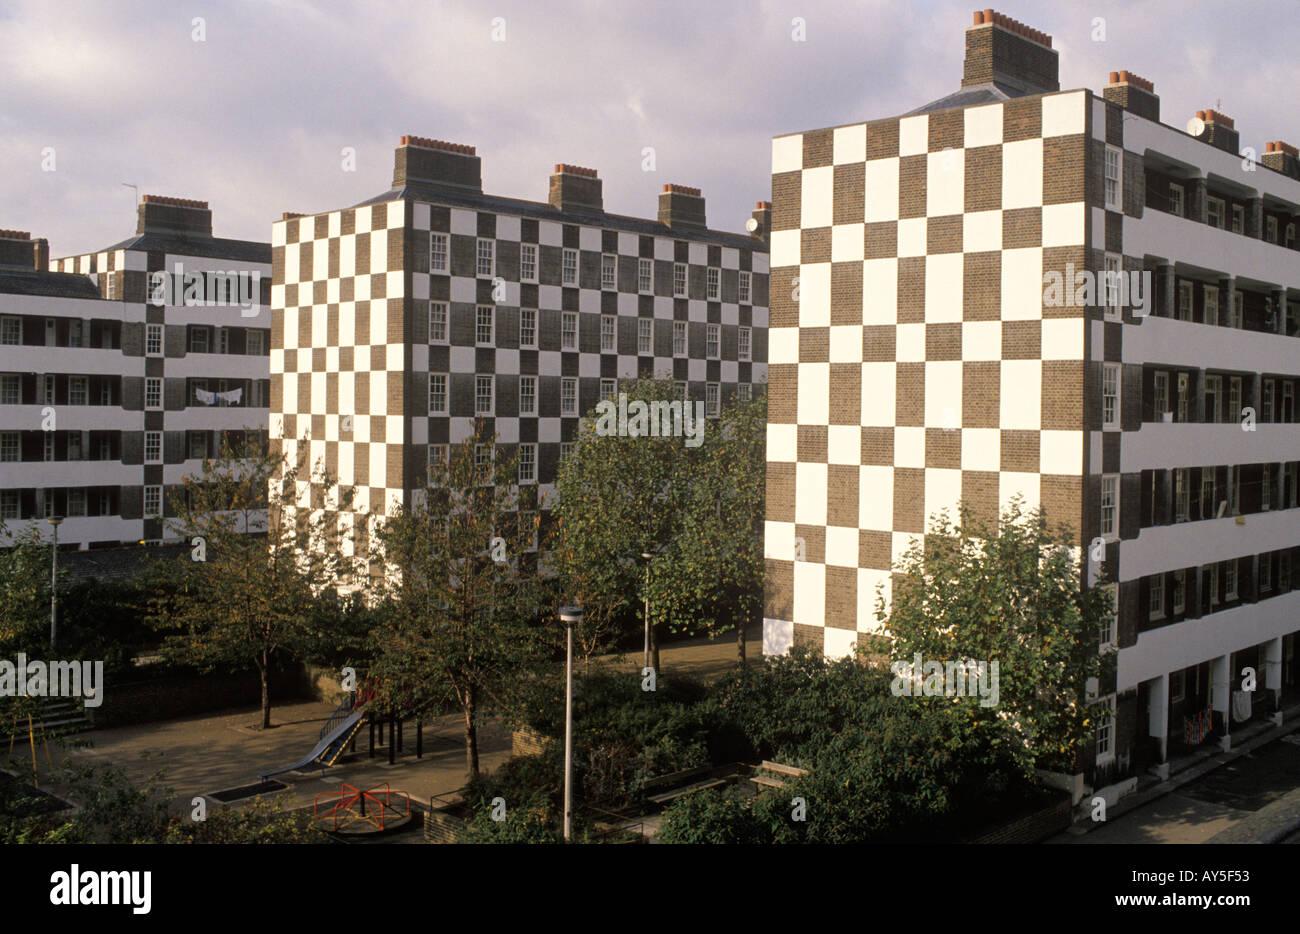 Duke of Westminster besitzt Wohnsiedlung in Victoria London HOMER SYKES Stockbild